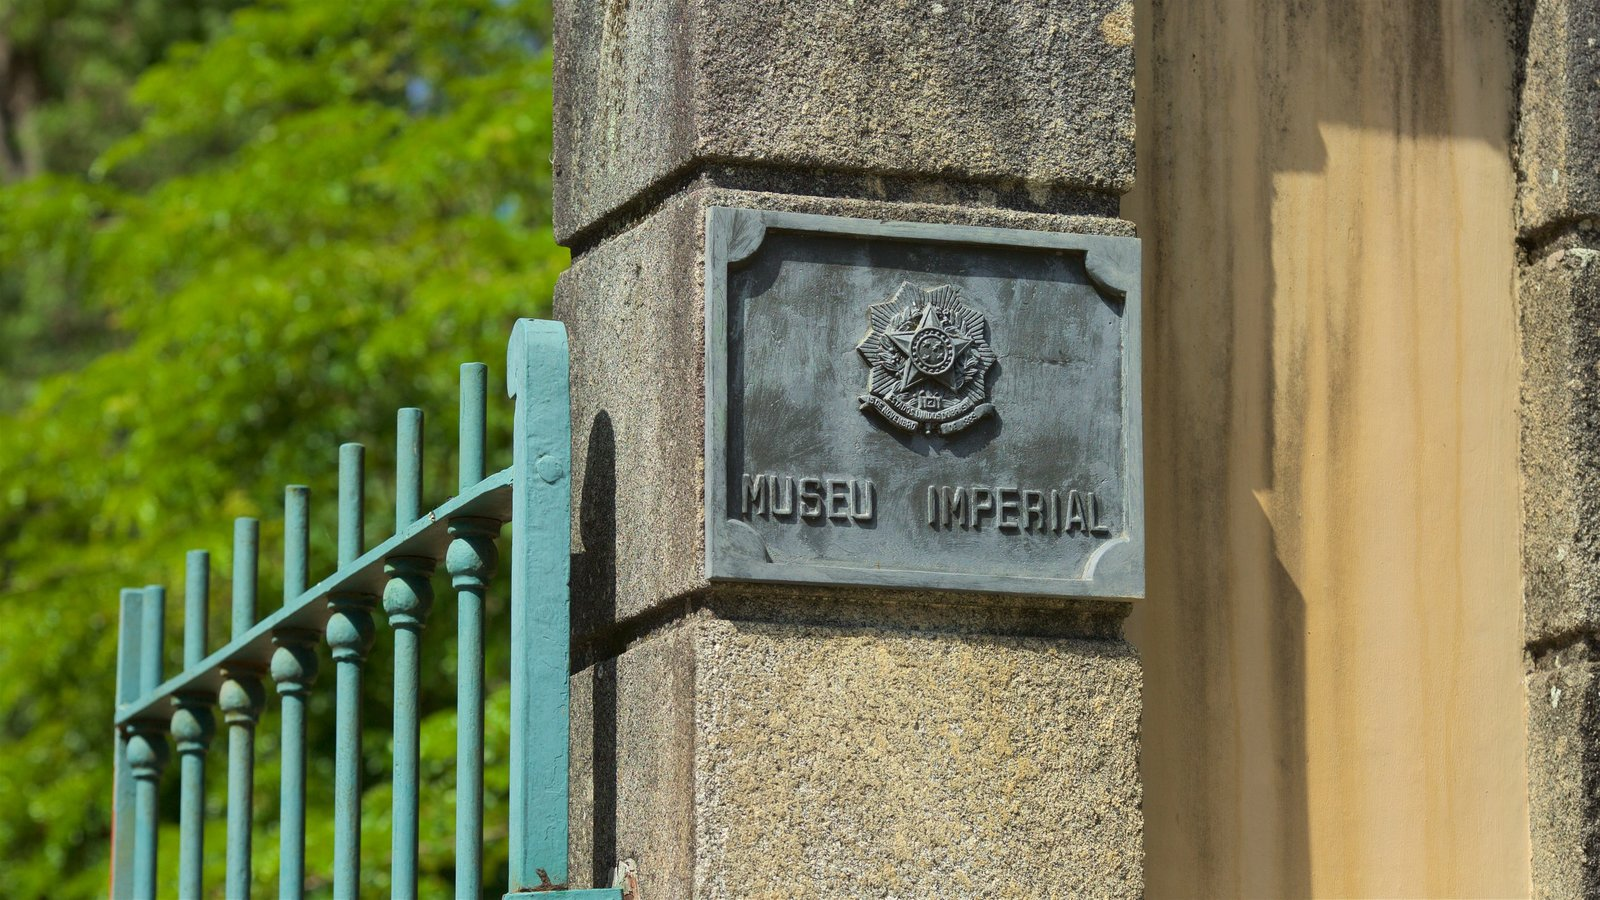 Museu Imperial que inclui sinalização